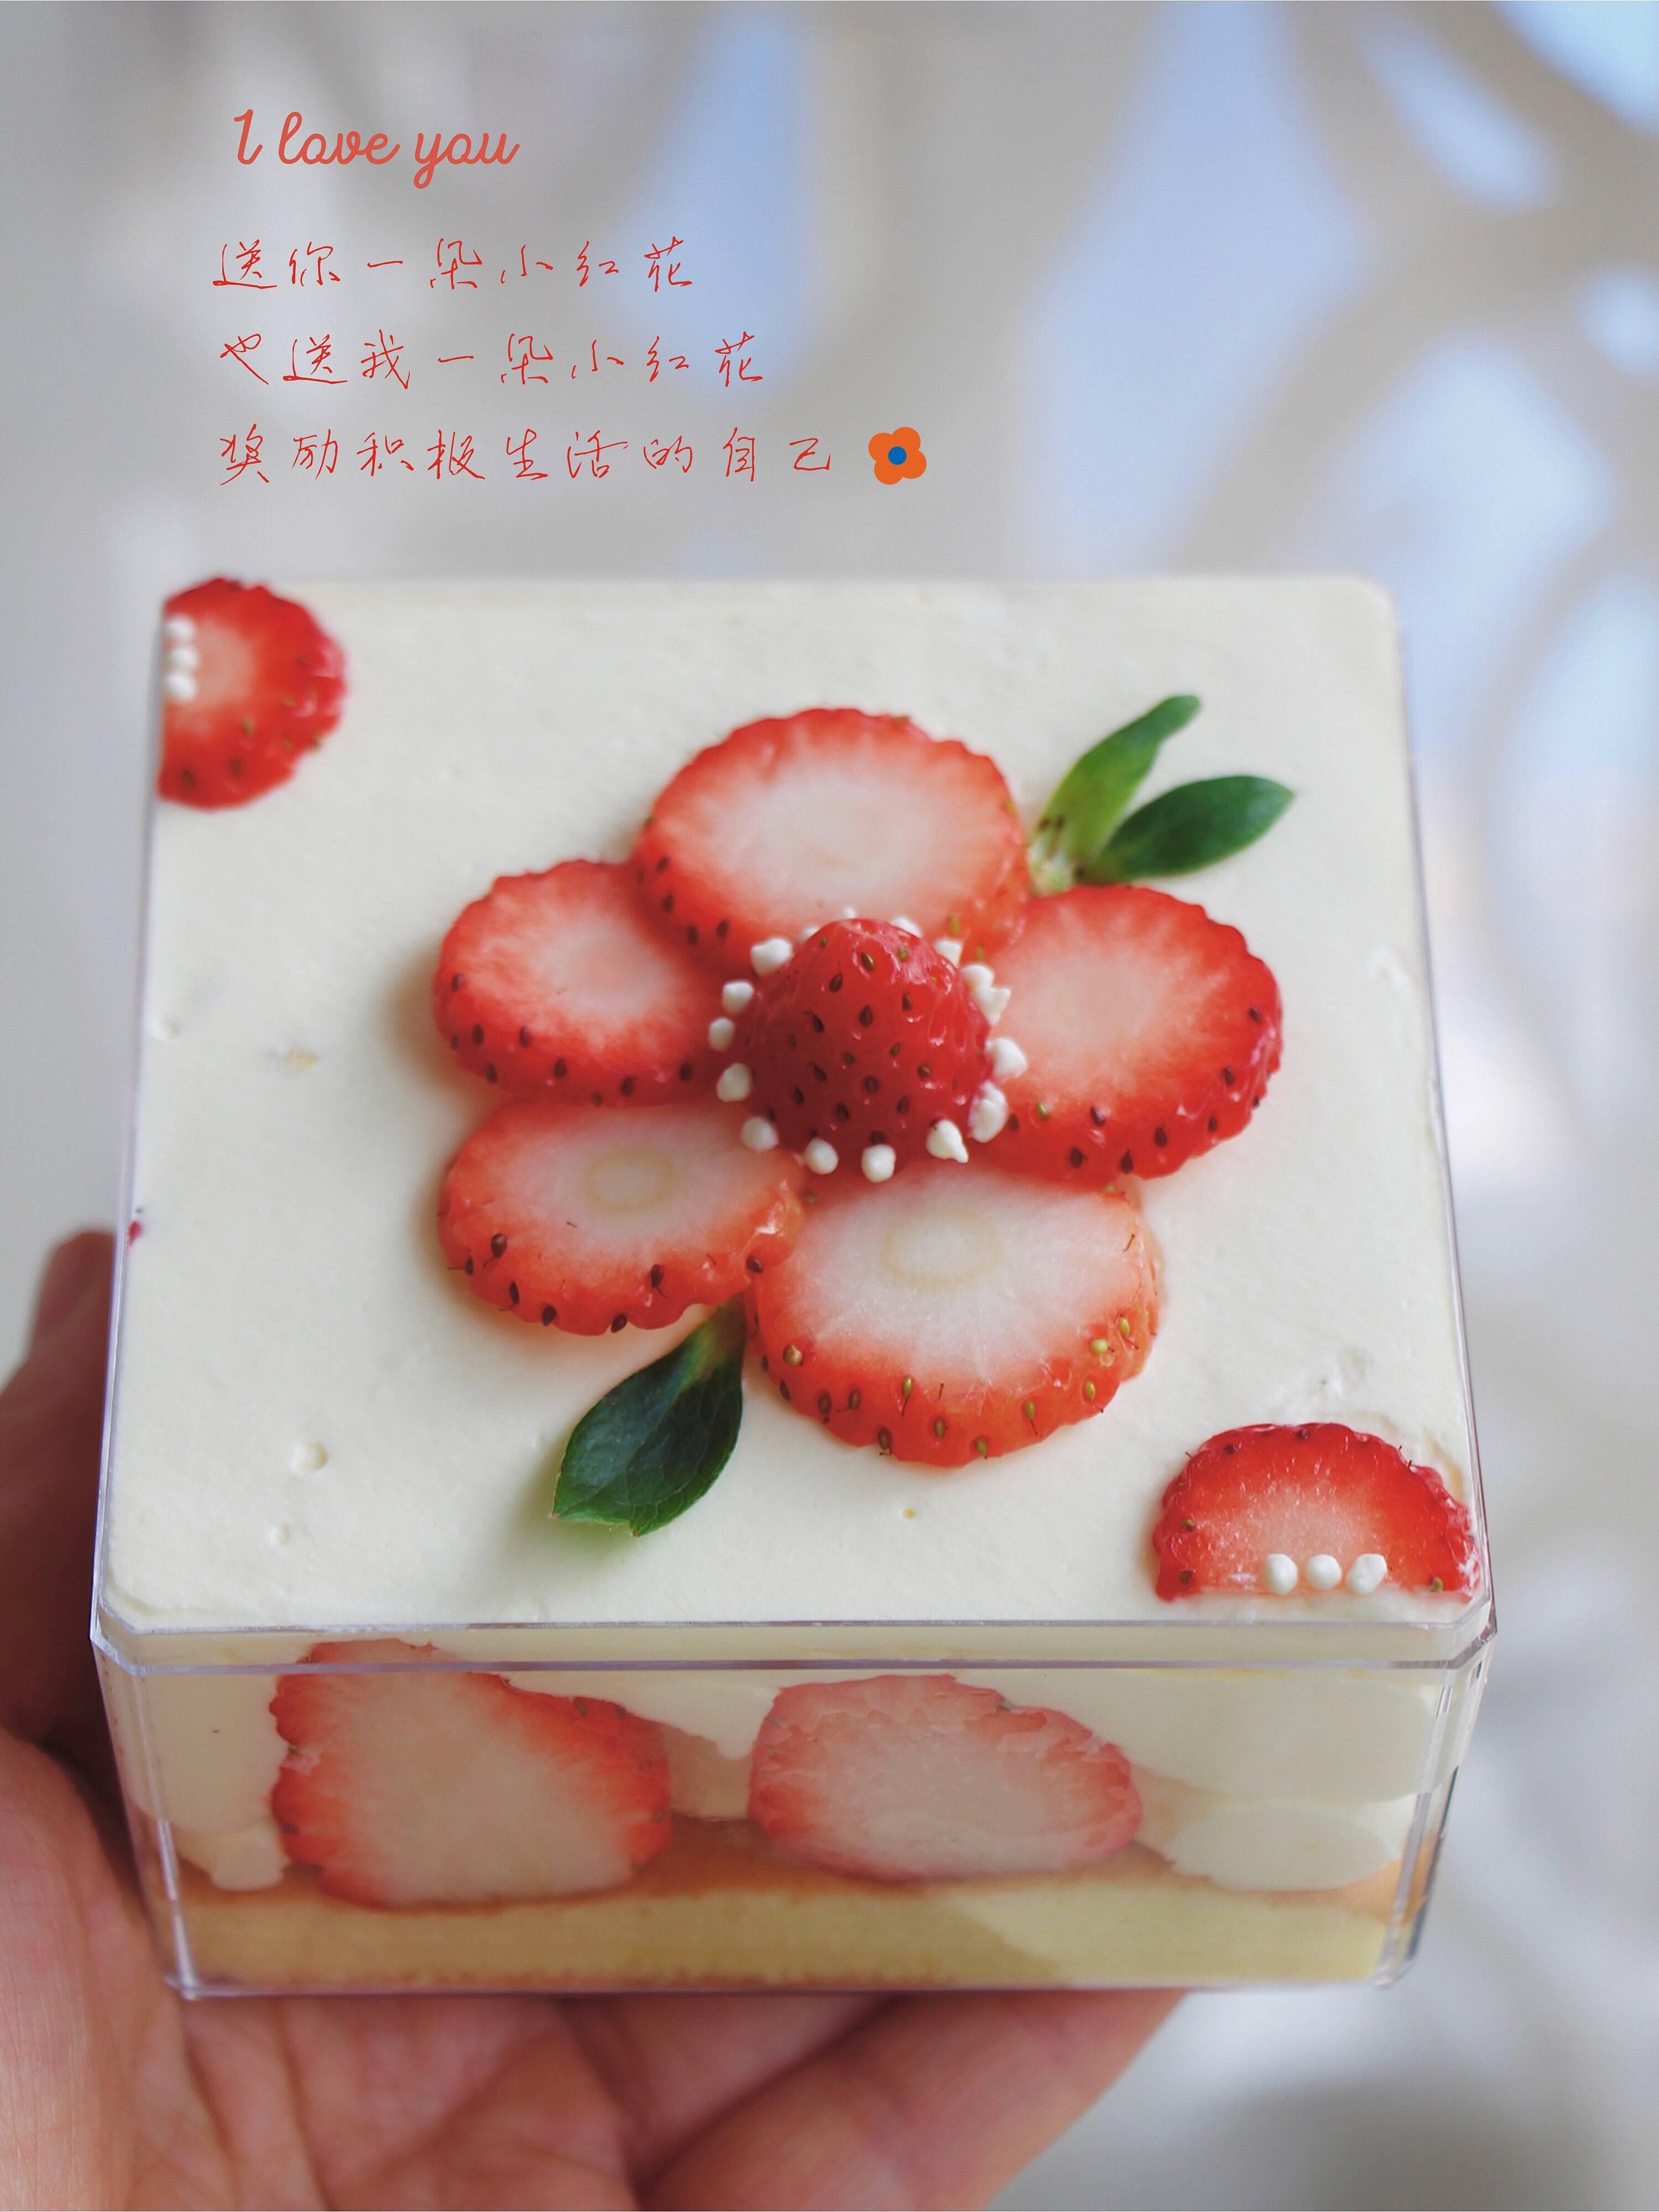 送给你一朵小红花|草莓盒子蛋糕的做法 步骤13